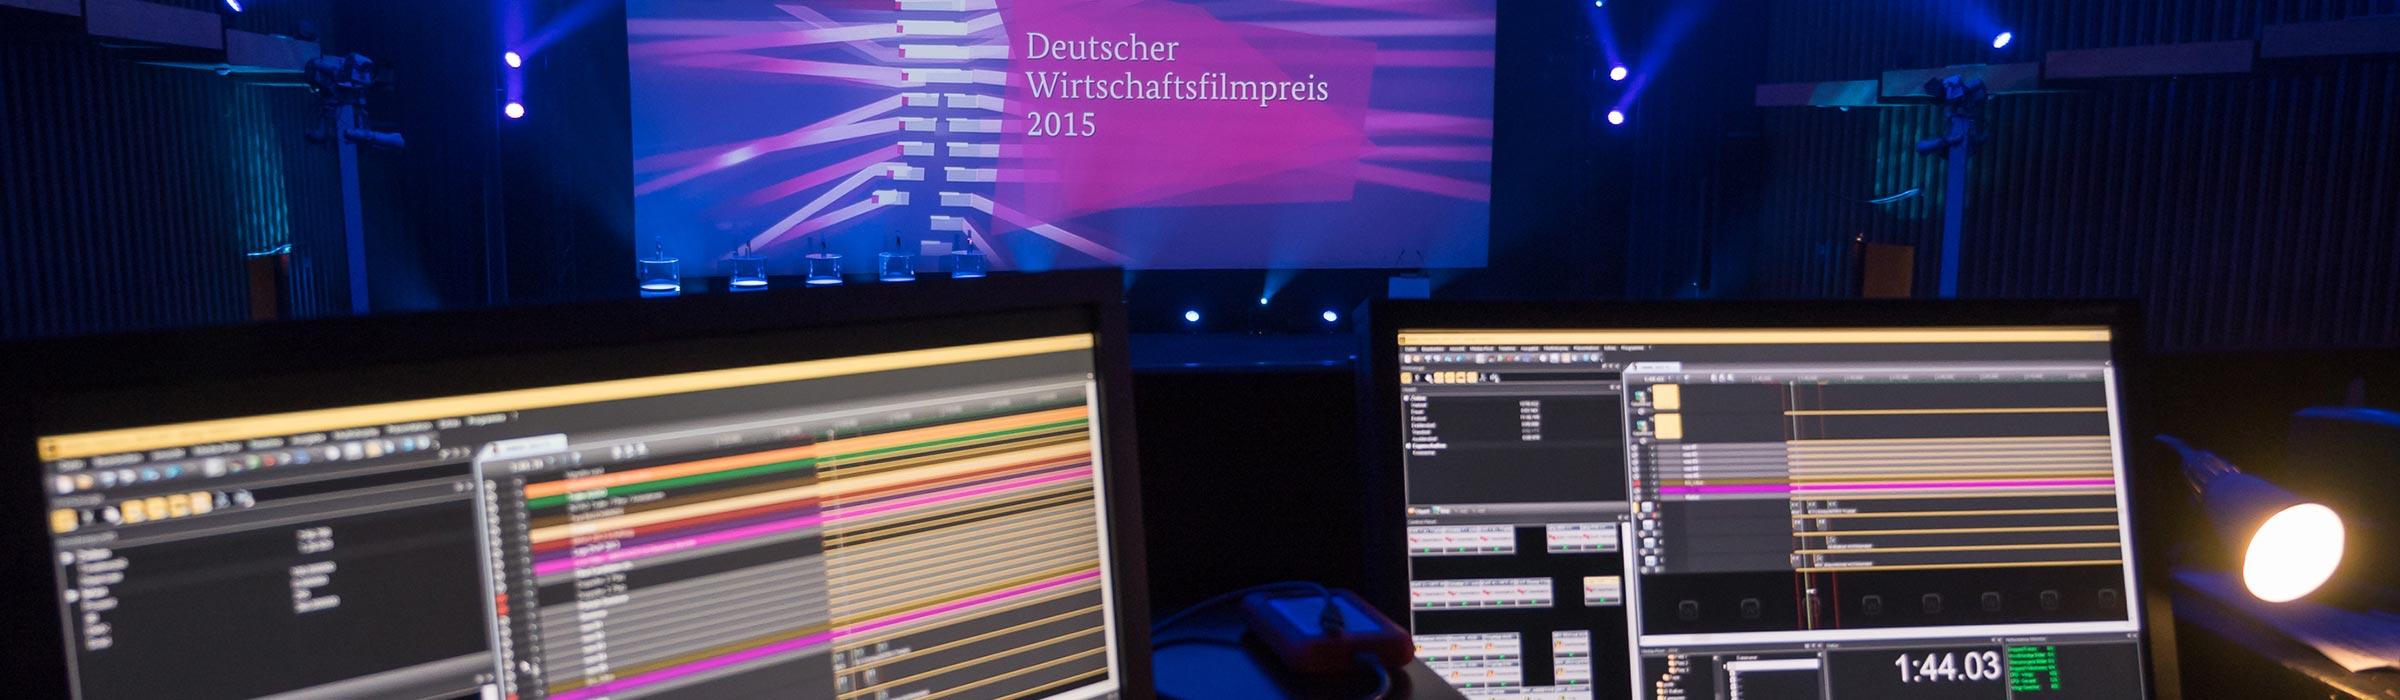 Deutscher Wirtschaftsfilmpreis - Referenz